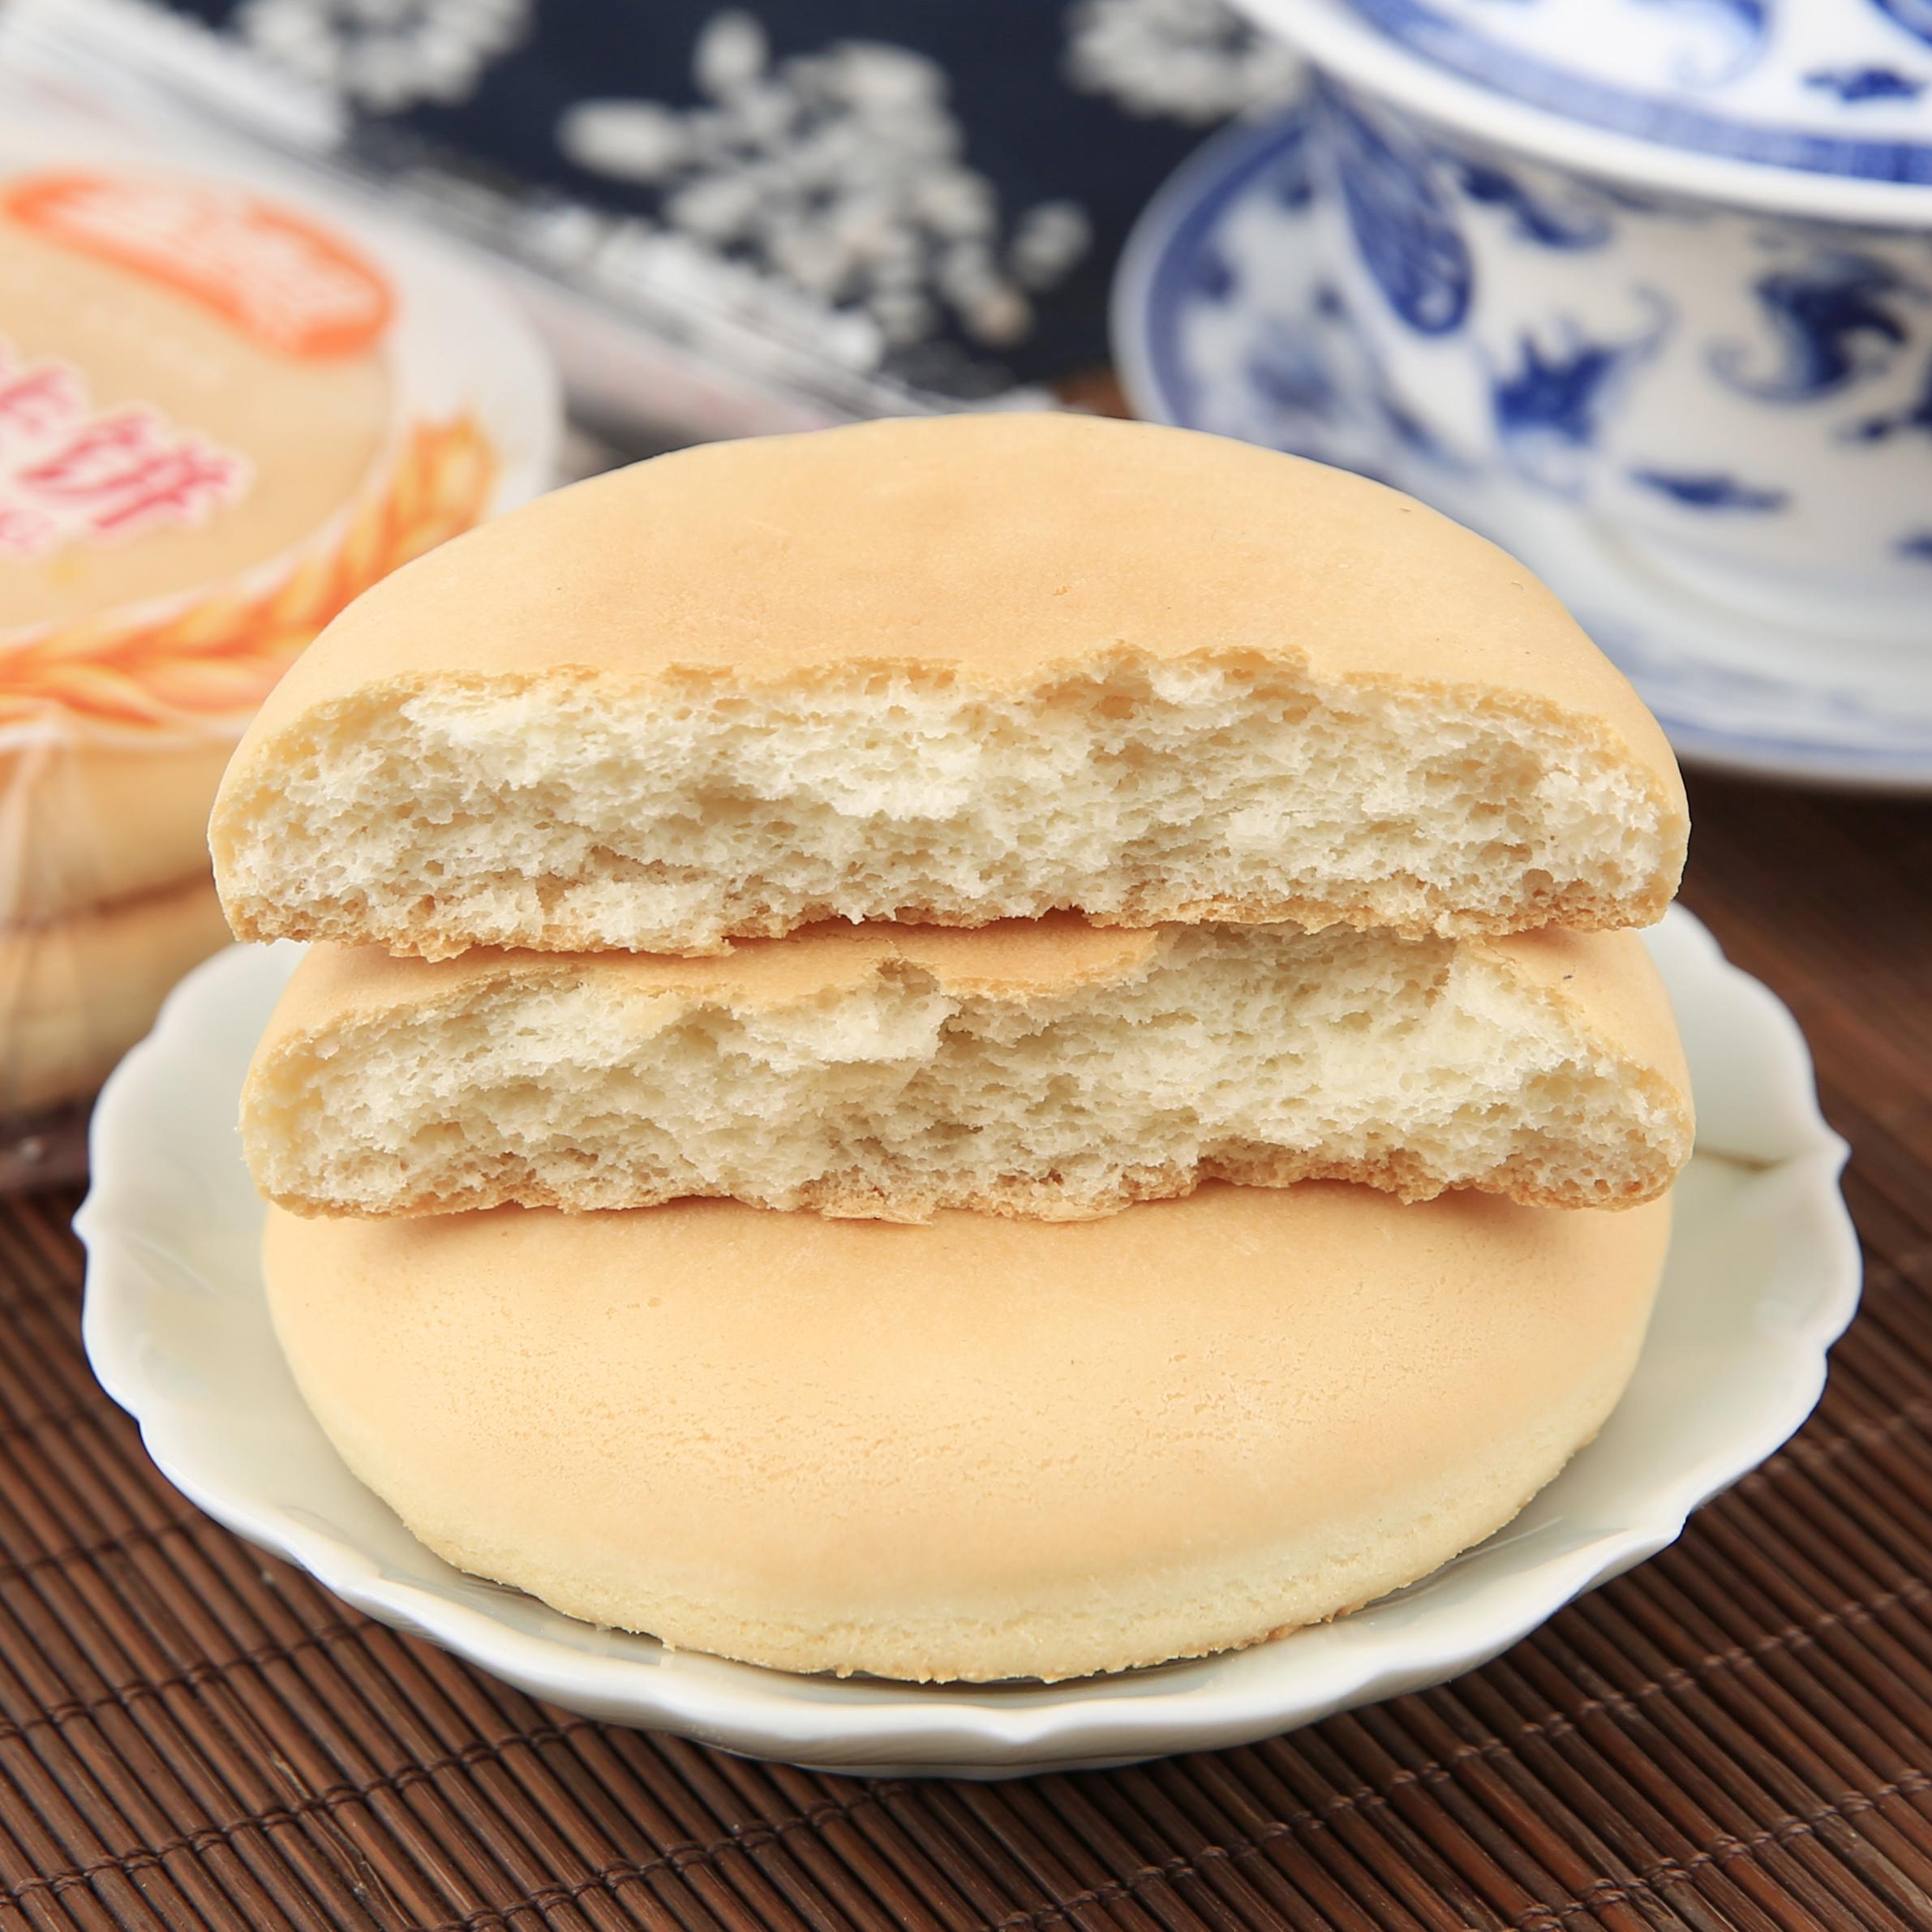 拍2减5元】奶油法饼湖南特产零食小吃糕点整箱面包1000g早餐饼